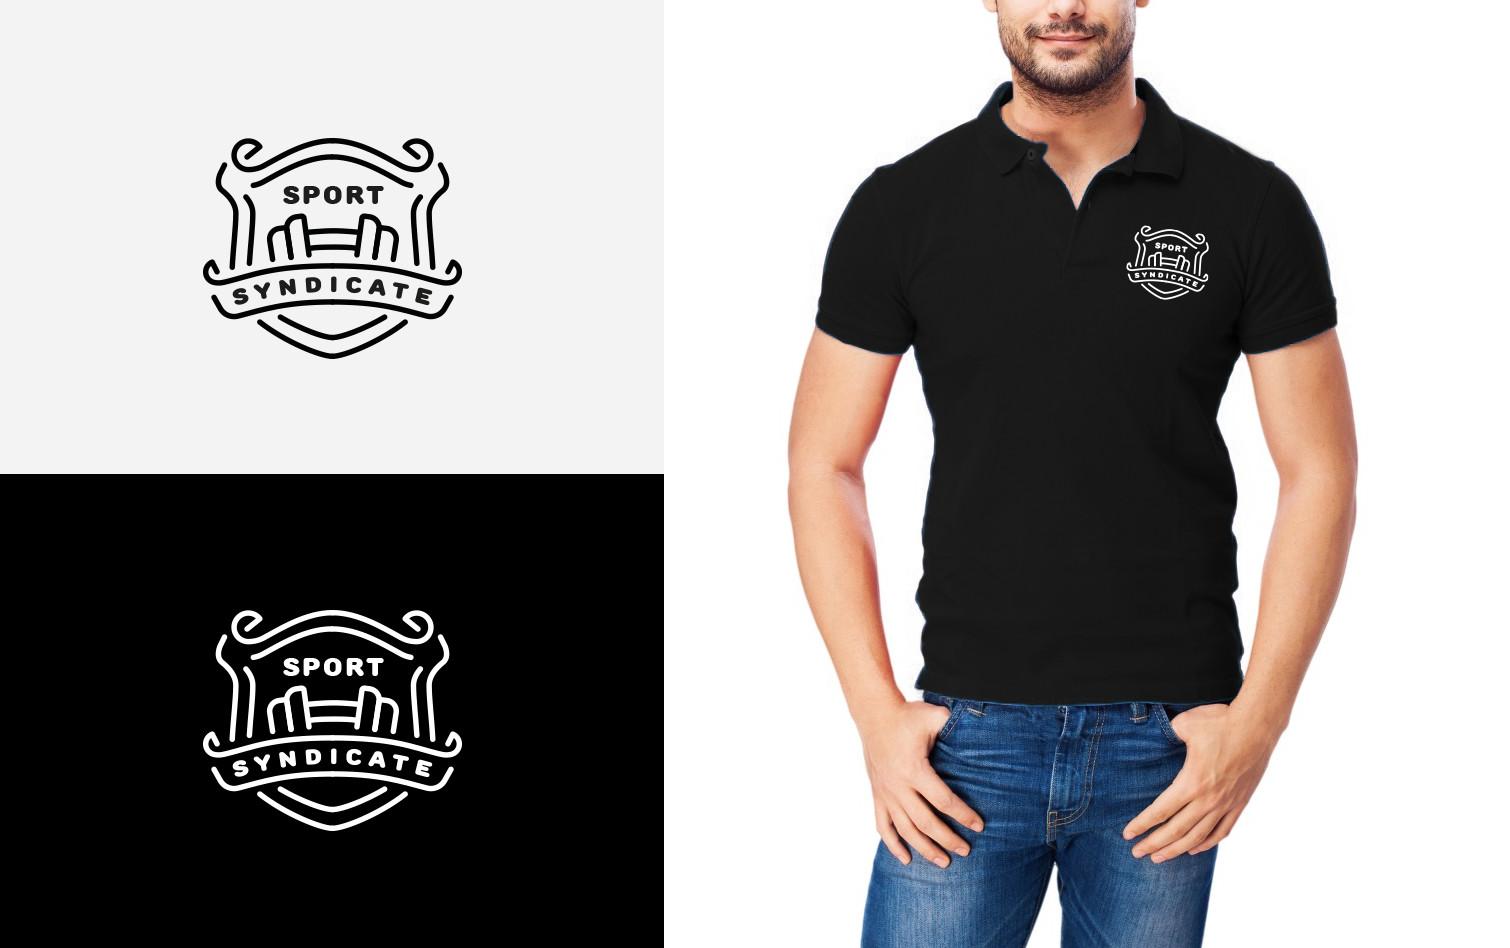 Создать логотип для сети магазинов спортивного питания фото f_183596b781bdb093.jpg